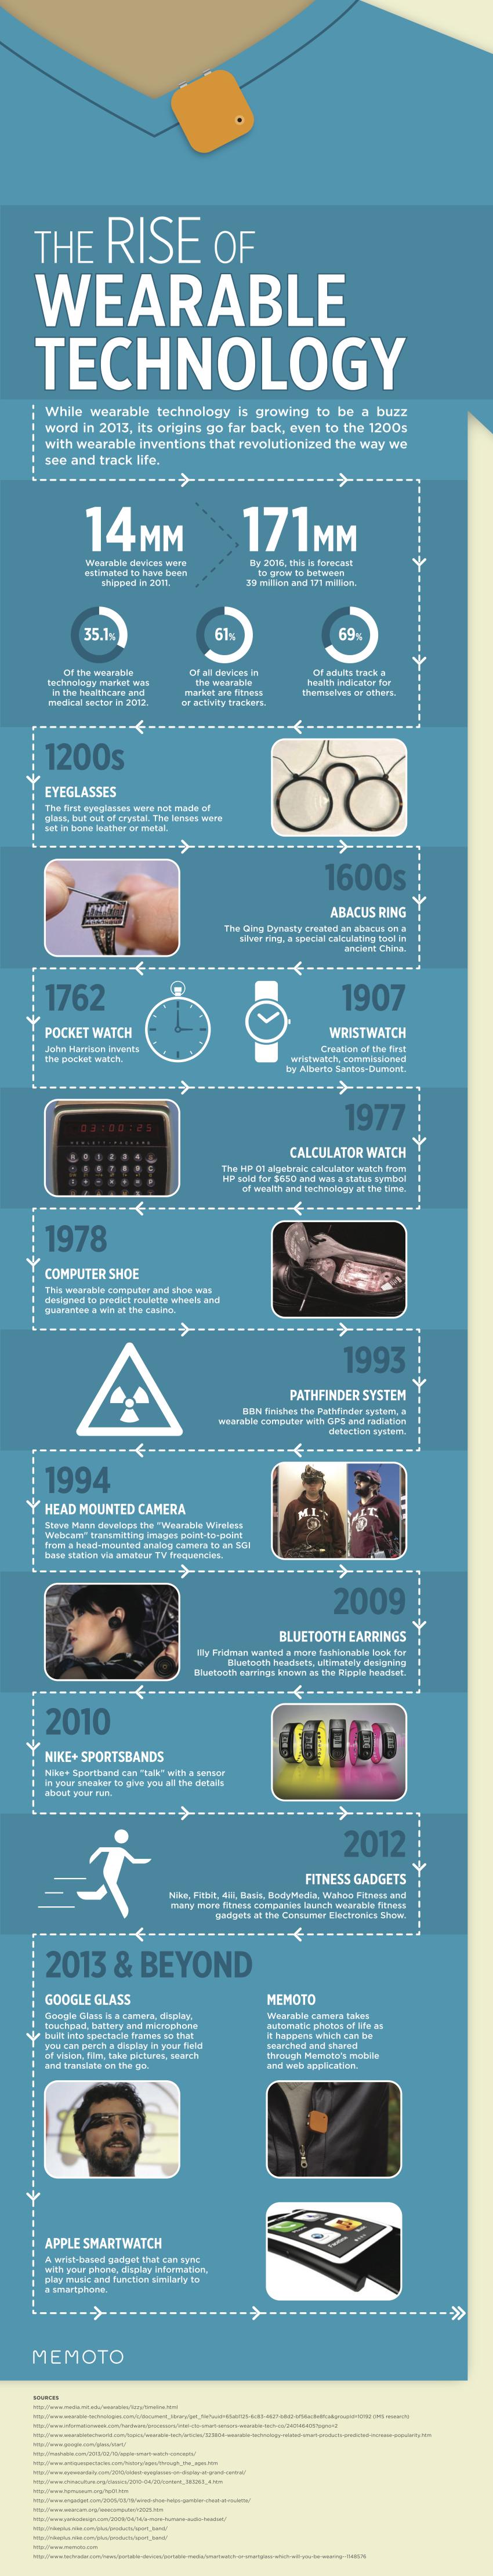 Memoto-Infographic-sarah3-e1372239674920